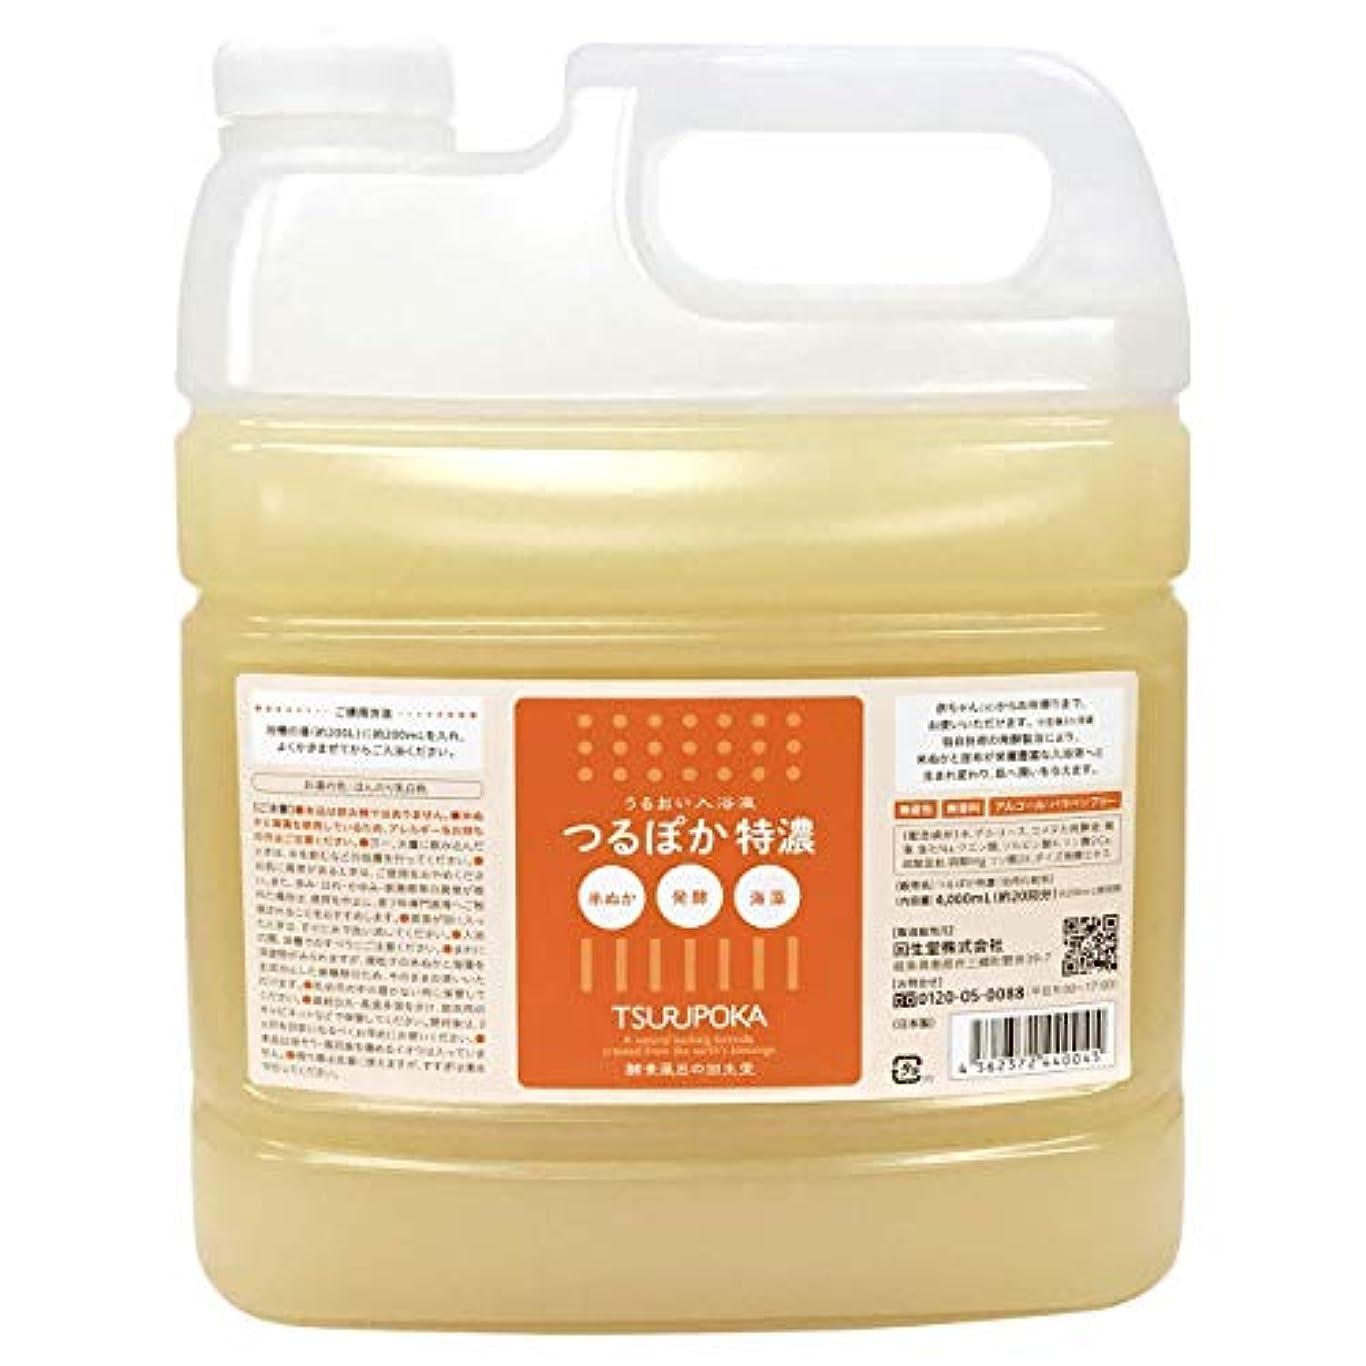 看板経歴空「自宅で簡単酵素風呂」つるぽか特濃 国産の米ぬかと昆布を発酵させた自然派酵素入浴液 約20回分(1回200mL使用)うるおい しっとり 保湿 冷え性 発汗 温活 入浴剤 全身美容